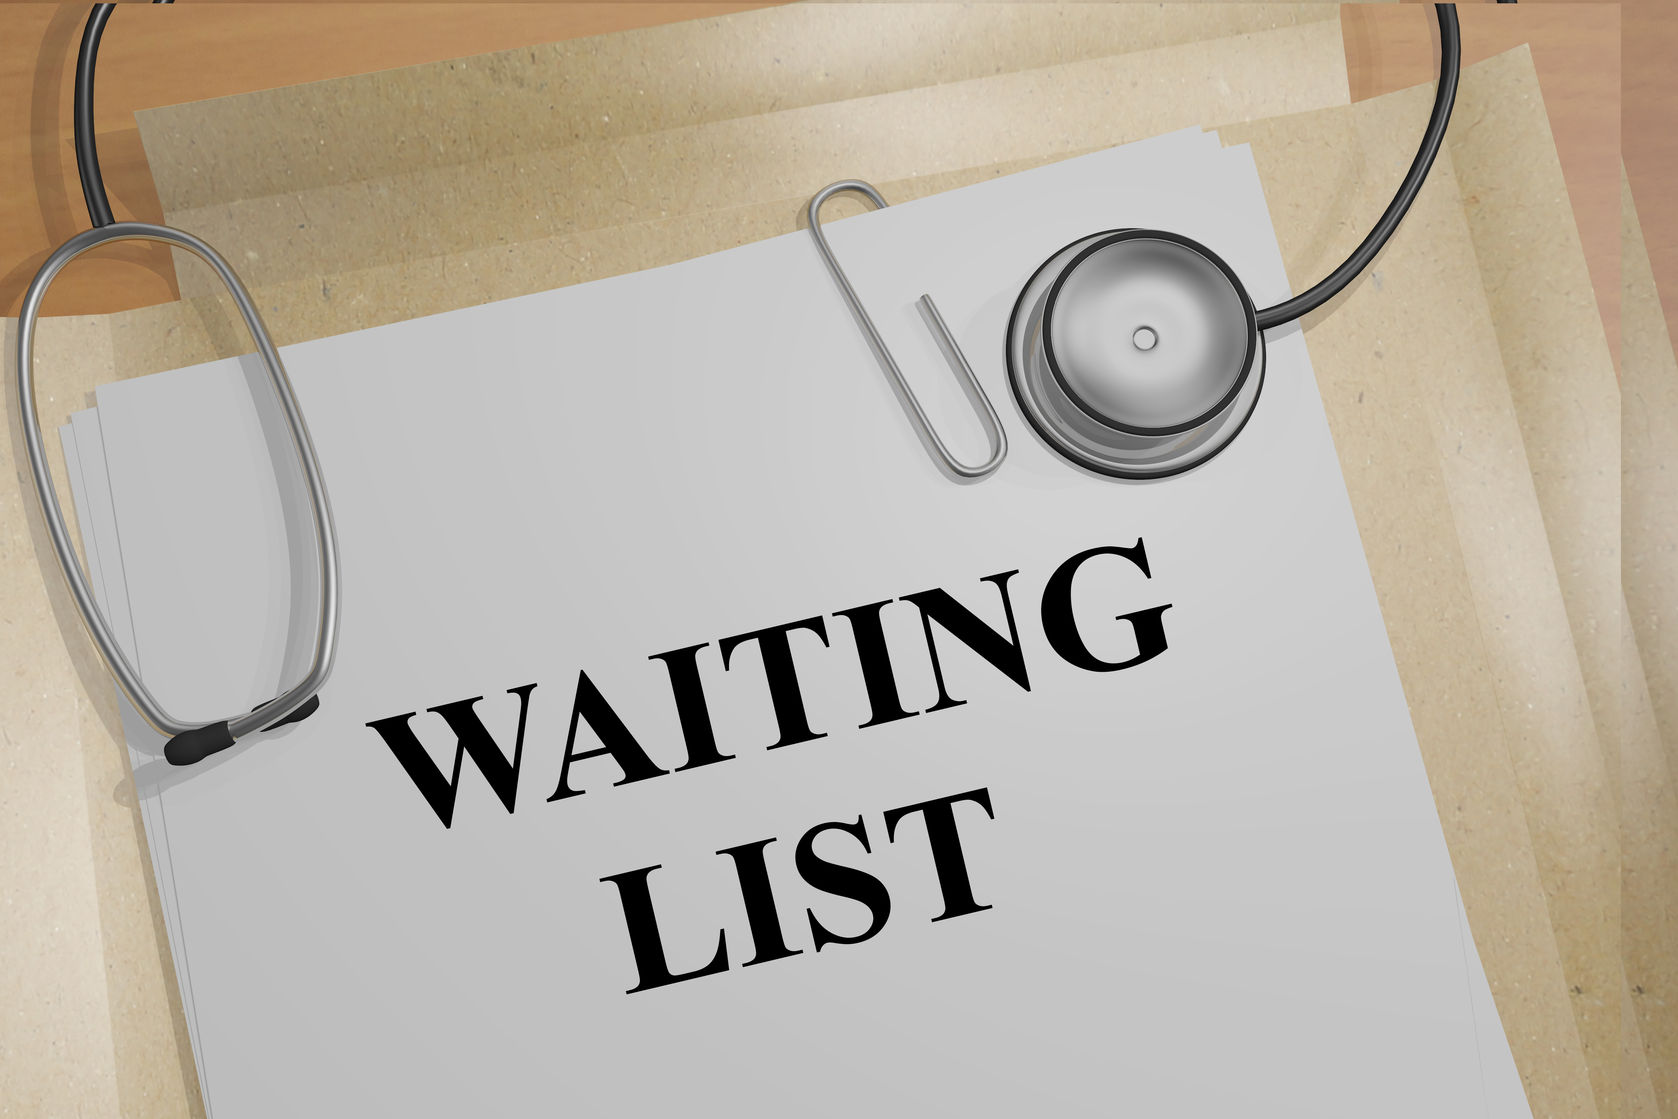 waitinglist